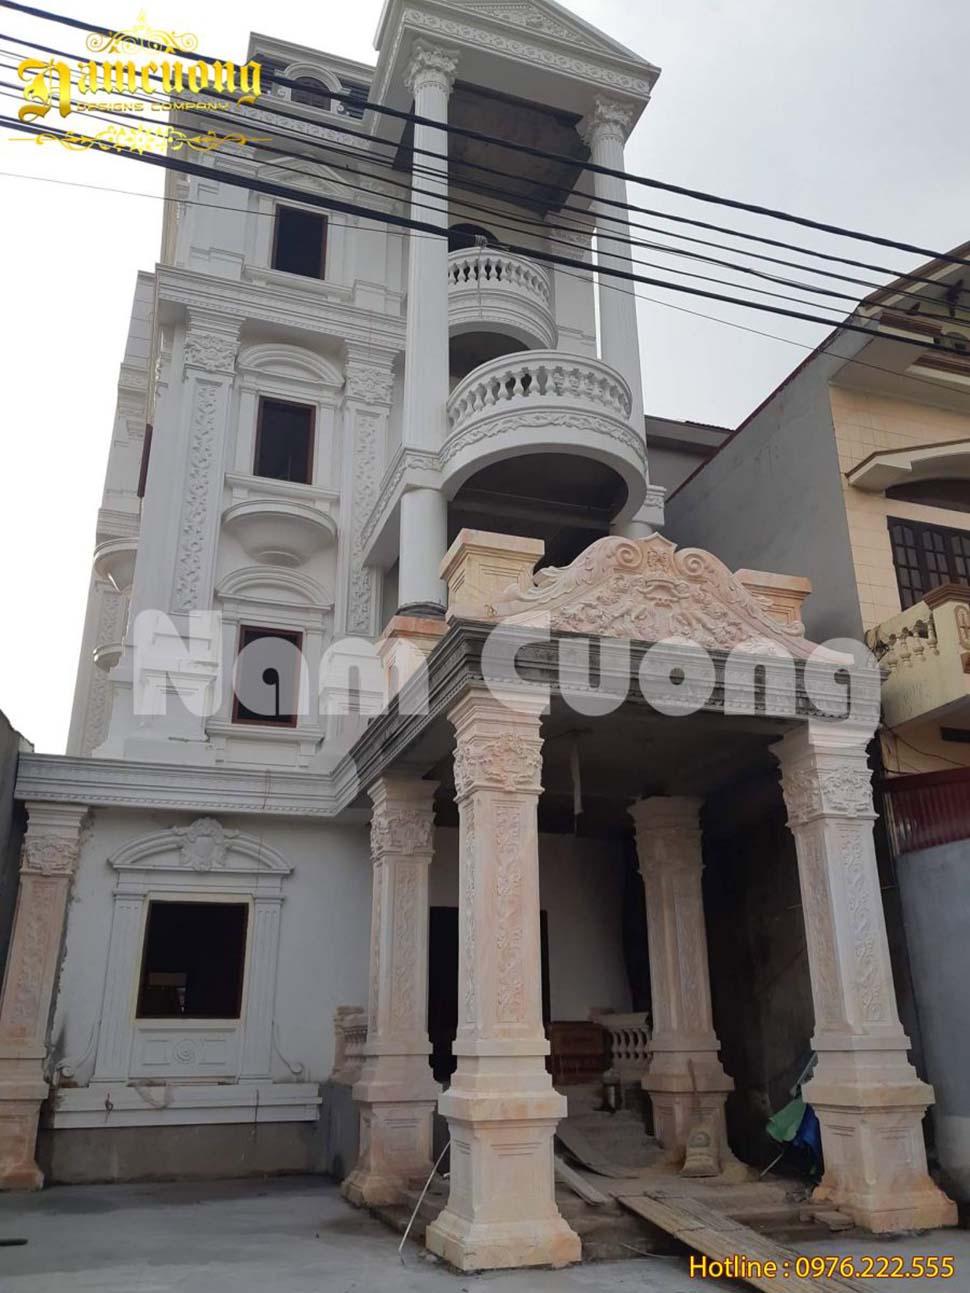 Hình ảnh công trình thực tế biệt thự lâu đài tại Uông Bí, Quảng Ninh